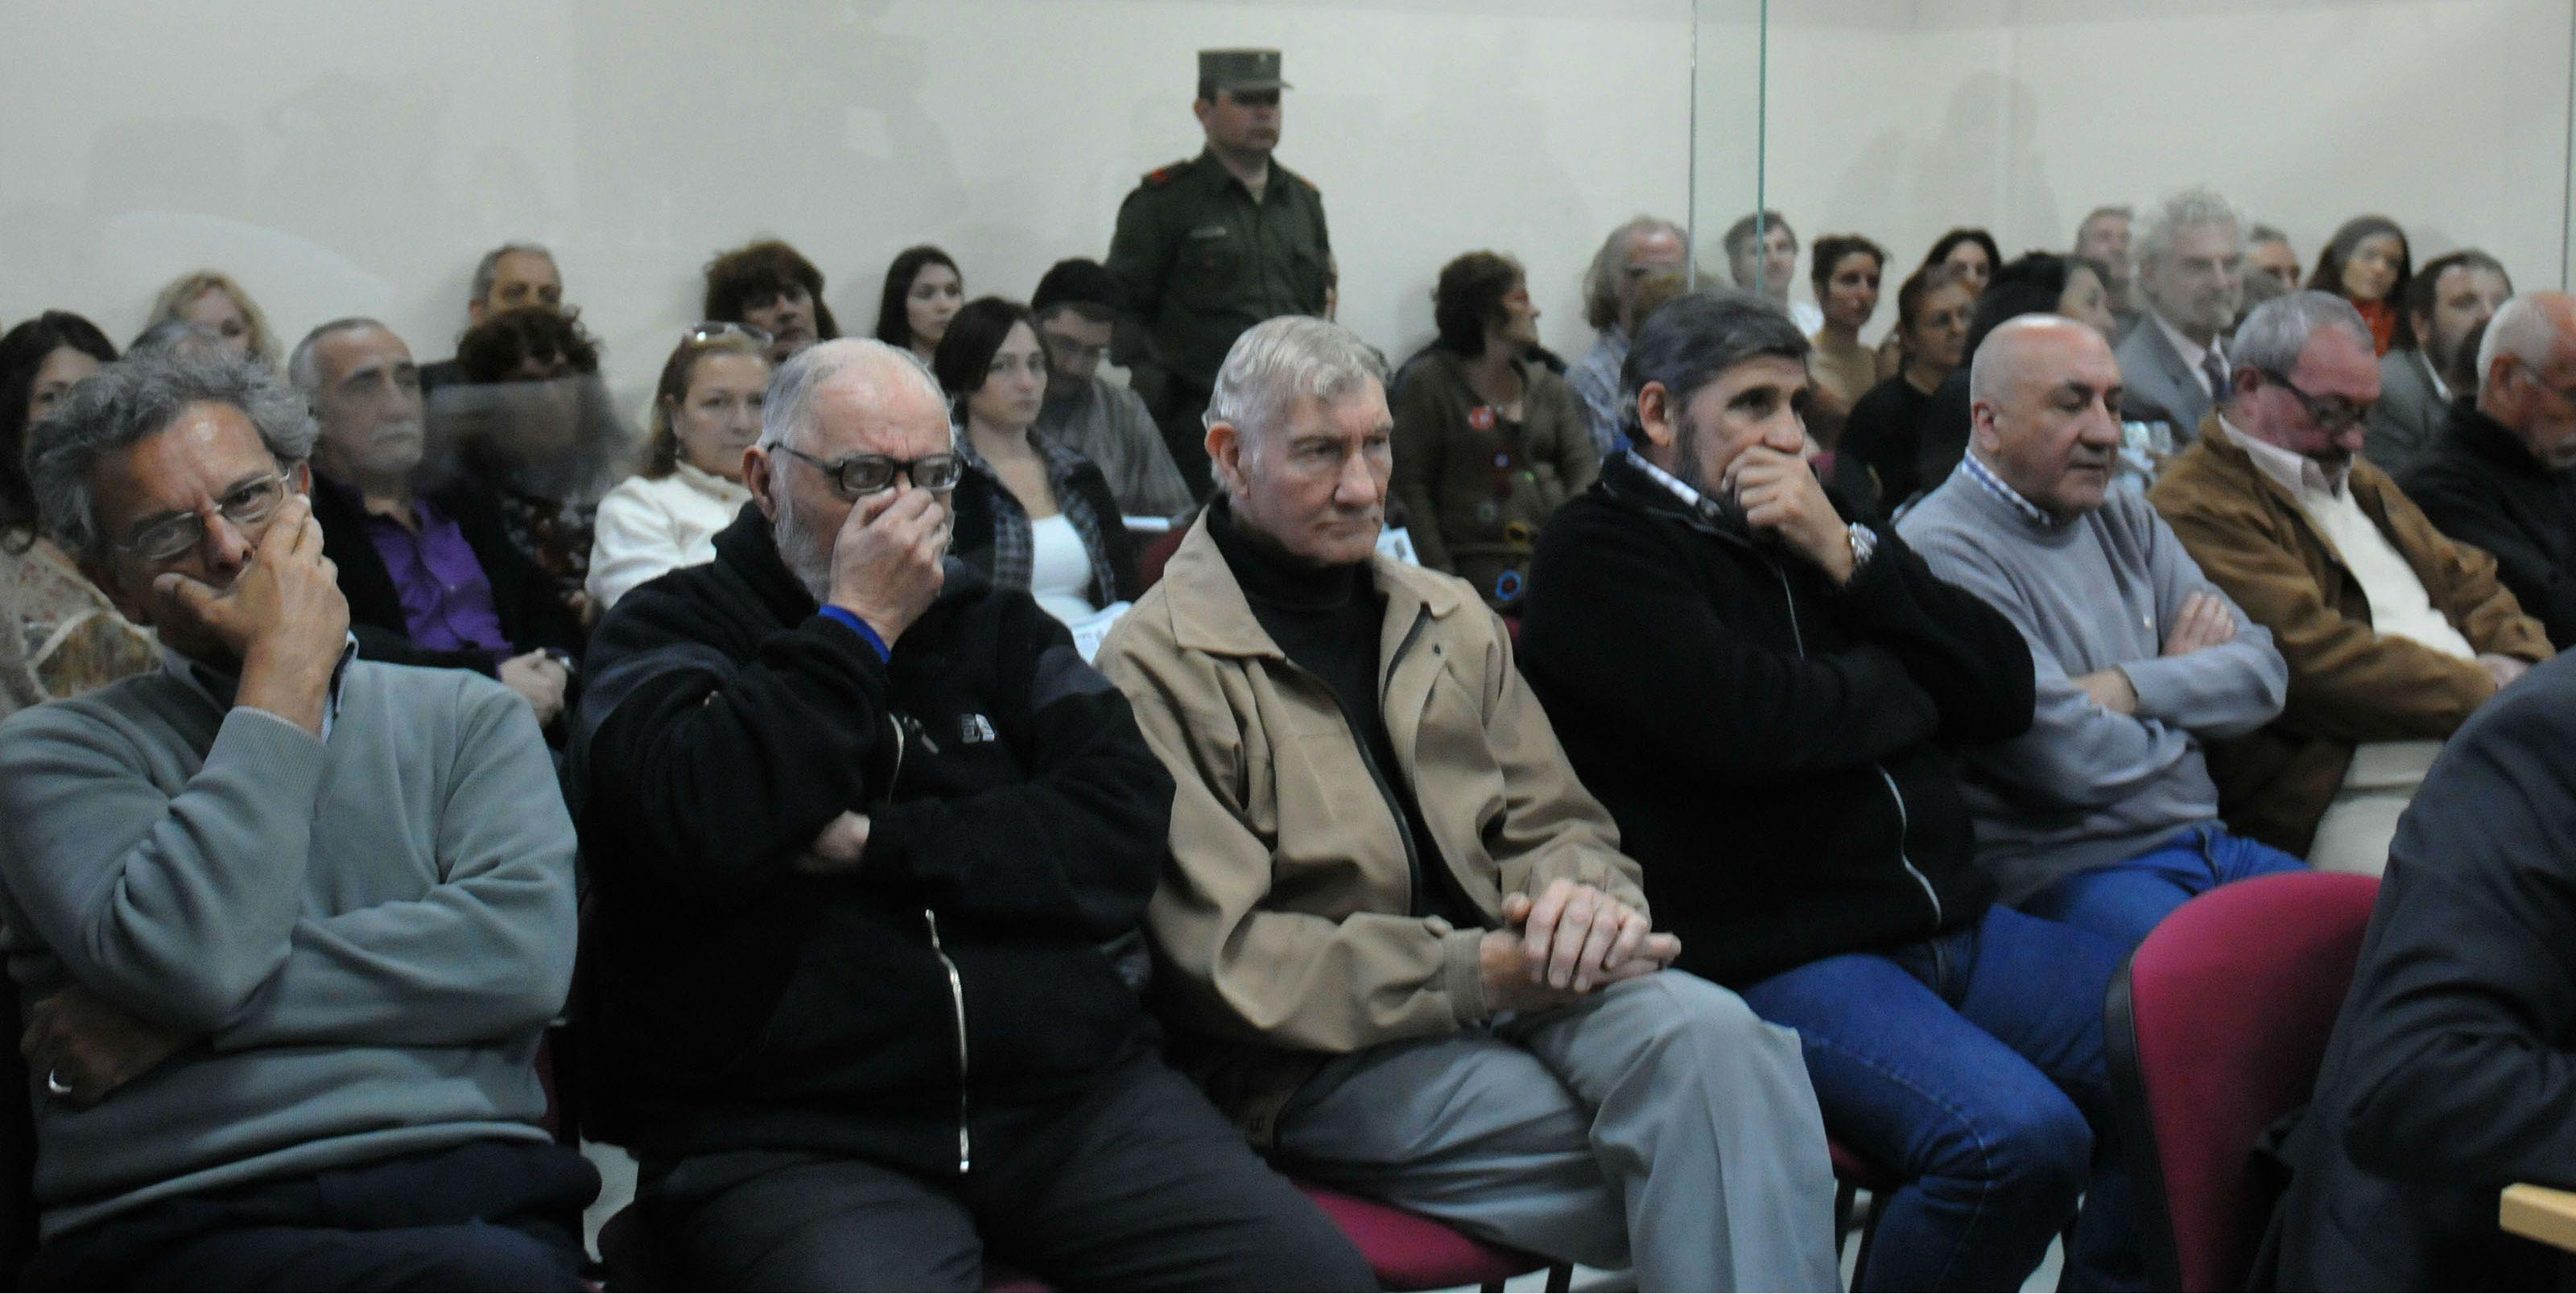 El Tribunal Oral en lo Criminal Federal 2 de Rosario condenó hoy a nueve ex policías santafesinos a penas que van de la prisión perpetua hasta los ocho años de cárcel.